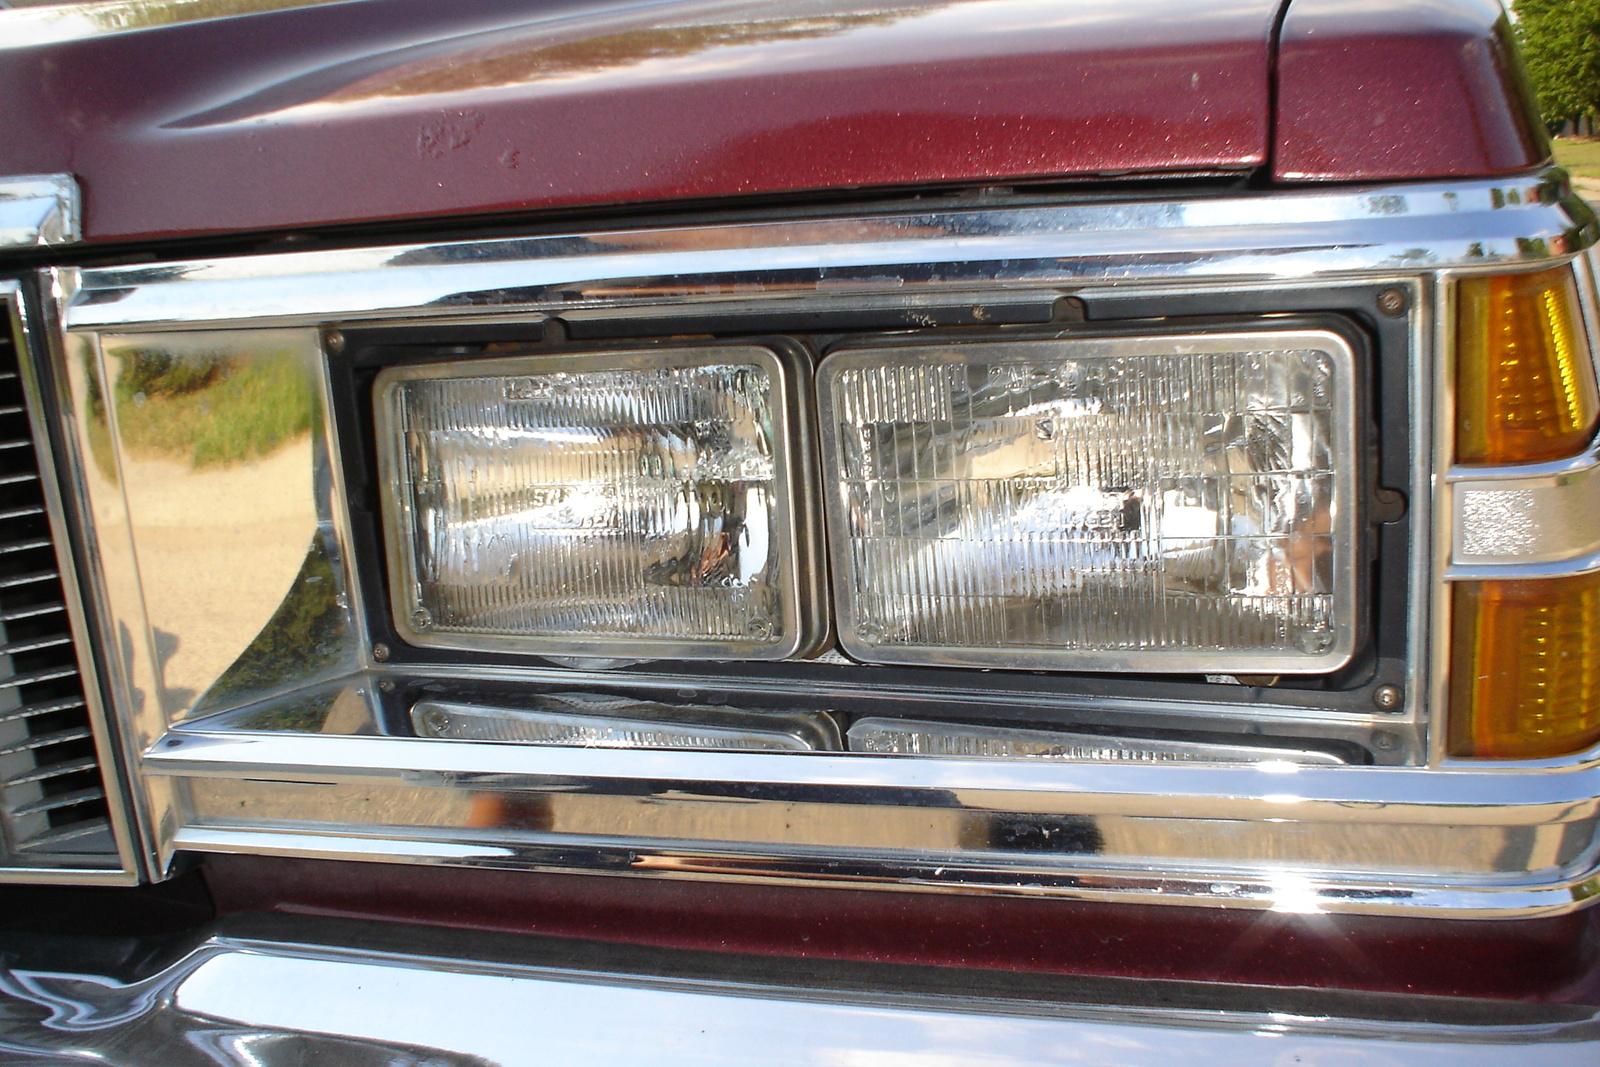 1979 Pontiac Bonneville - Pictures - 1979 Pontiac Bonneville pictur ...